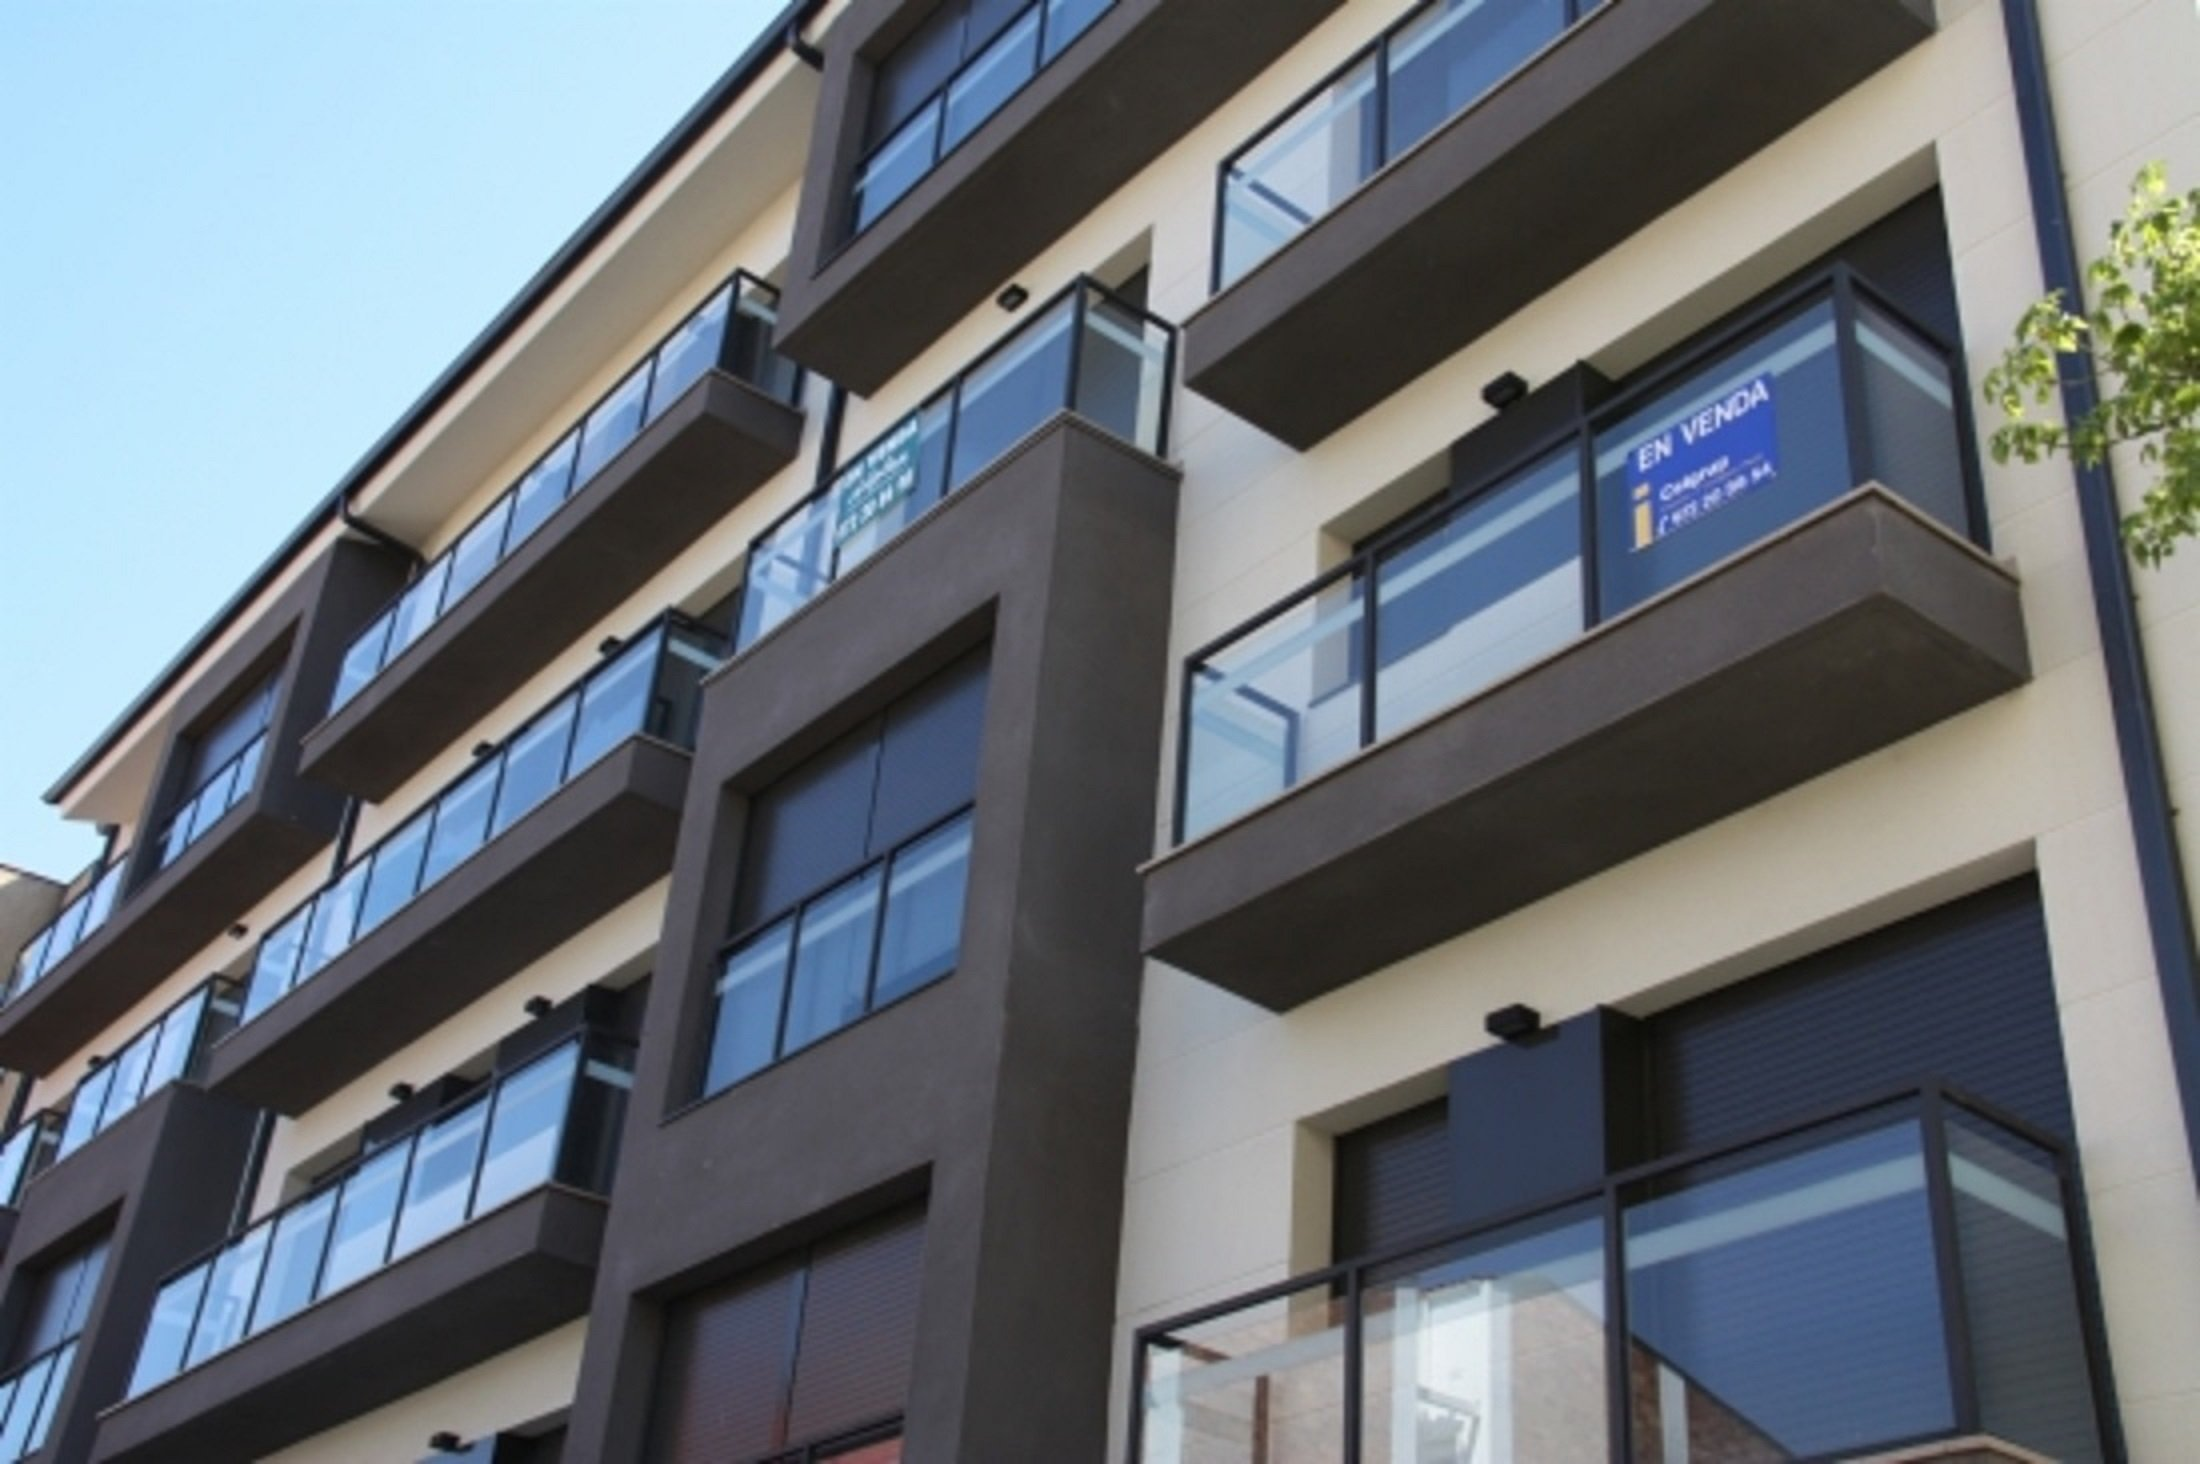 Bloque|Bloc de pisos en venta. Foto: ACN